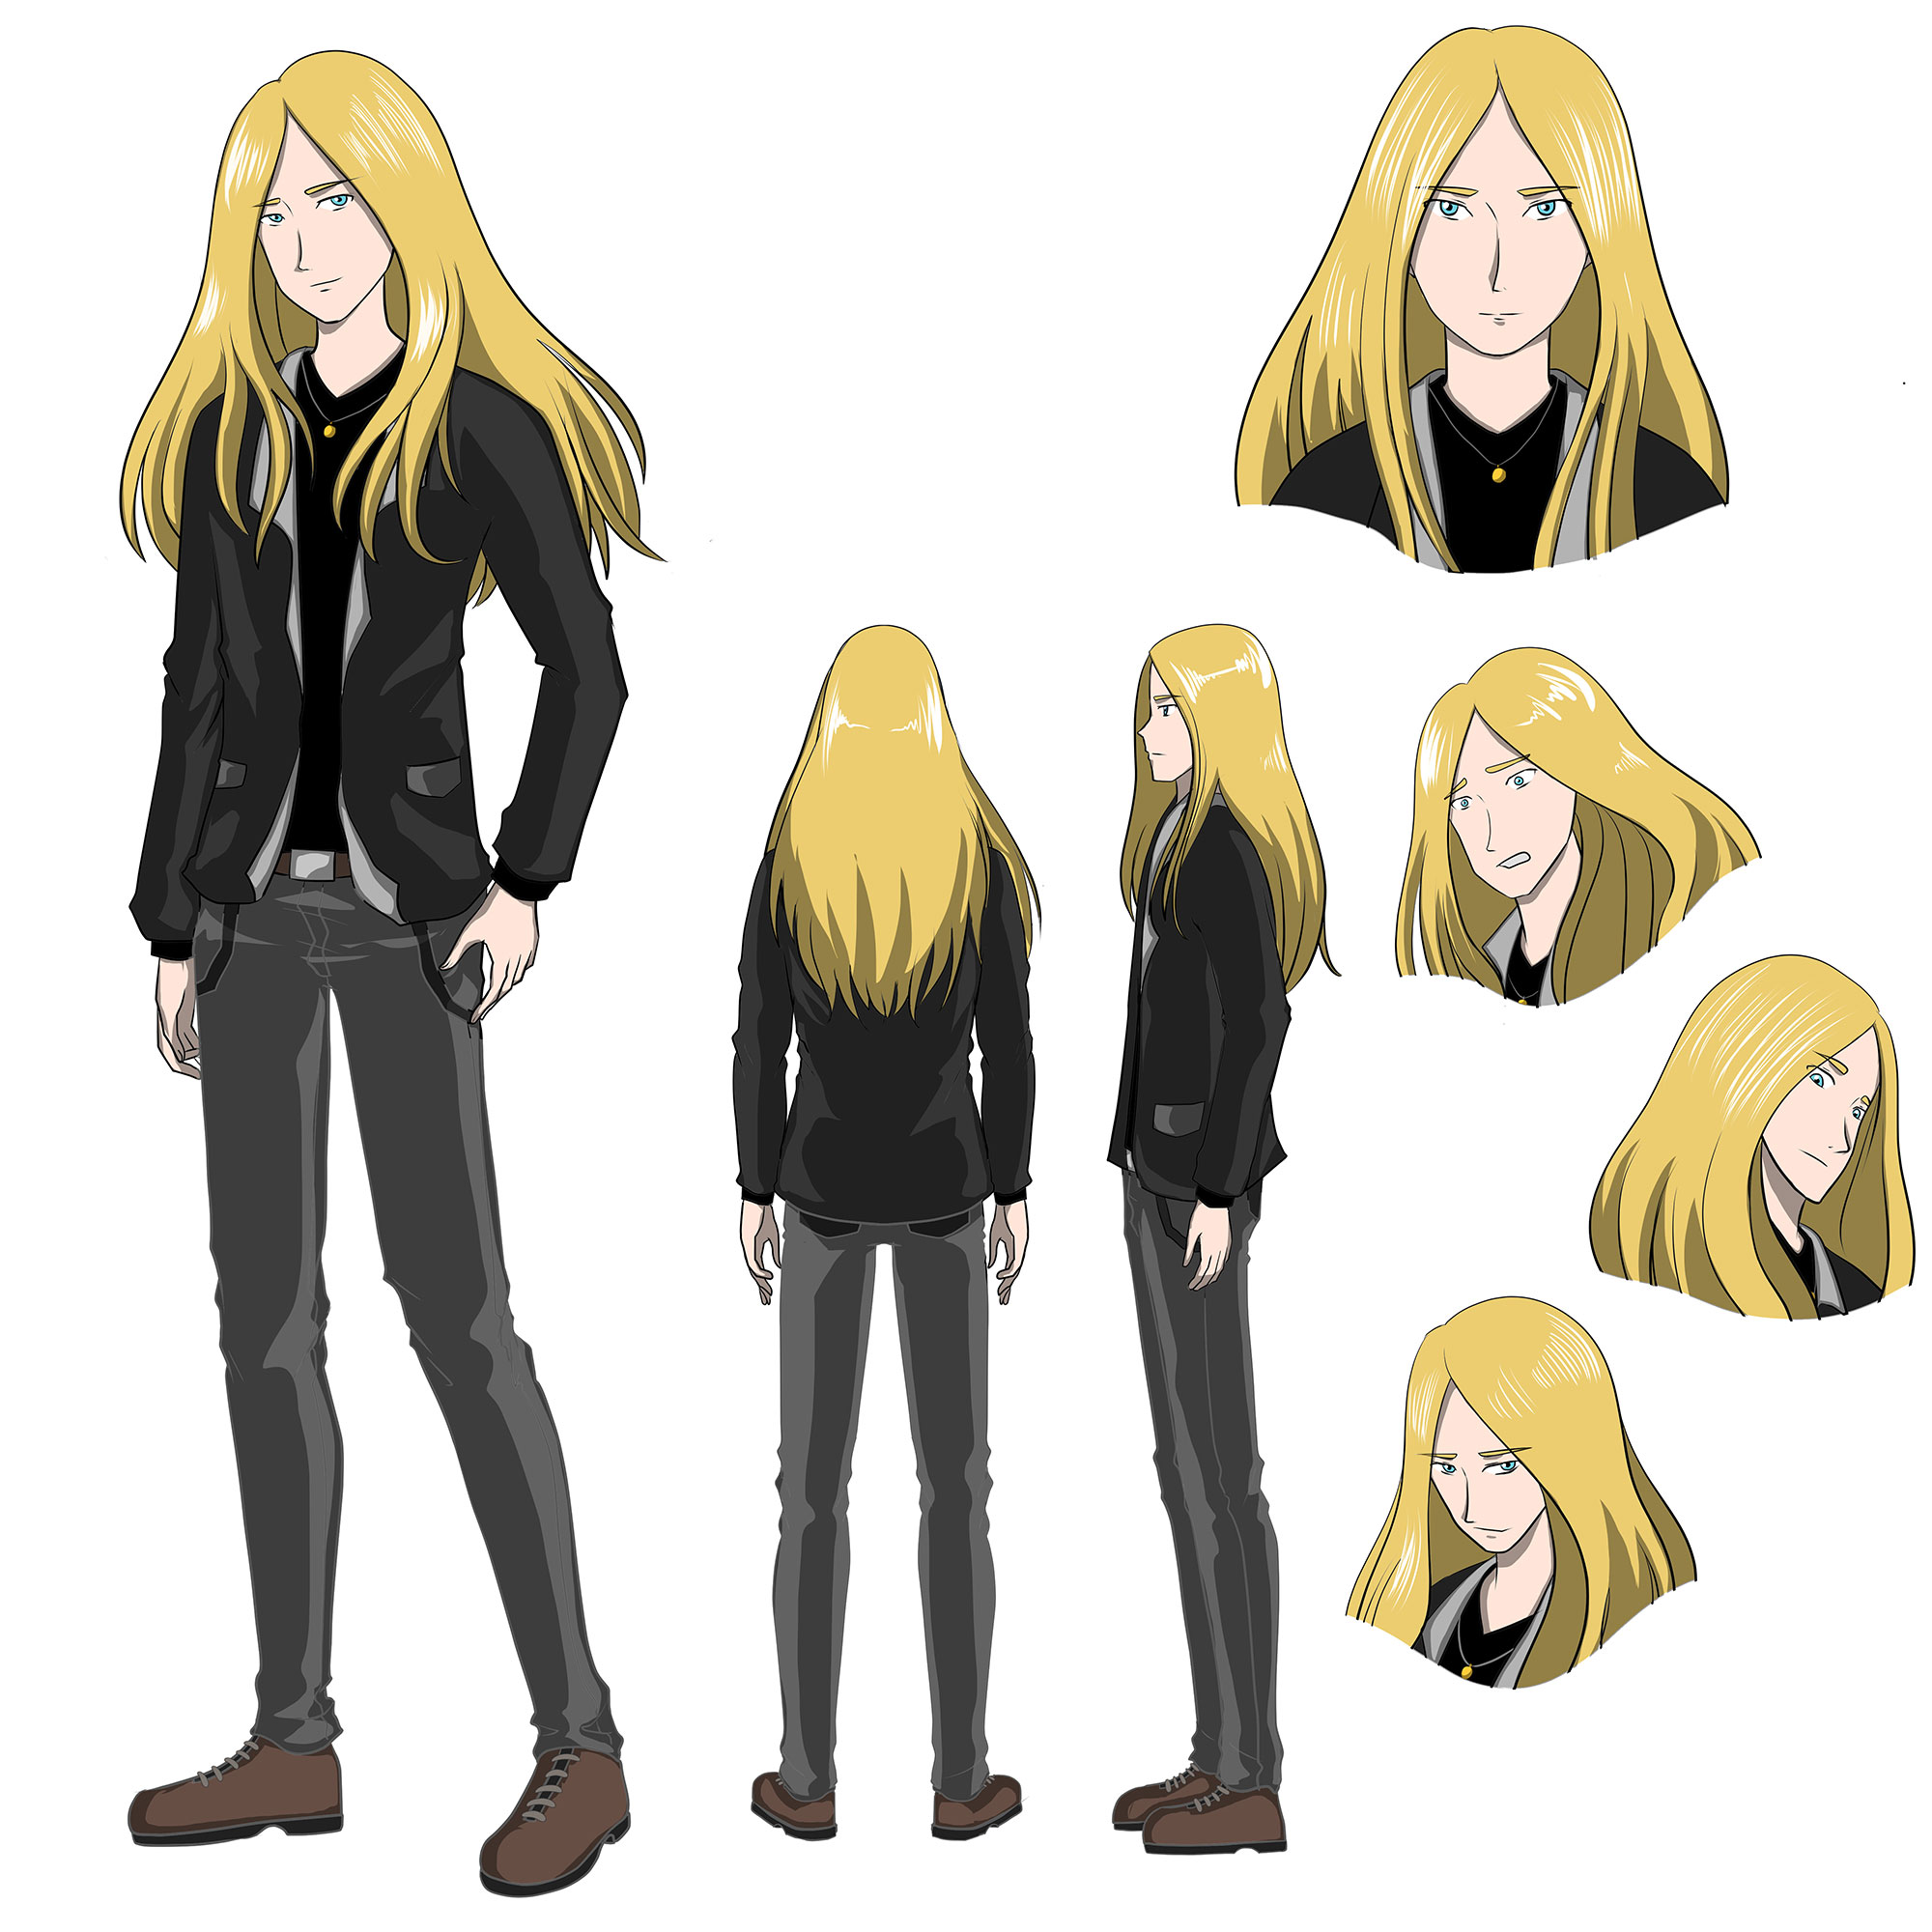 anime-character-kobra-and-the-lotus-2